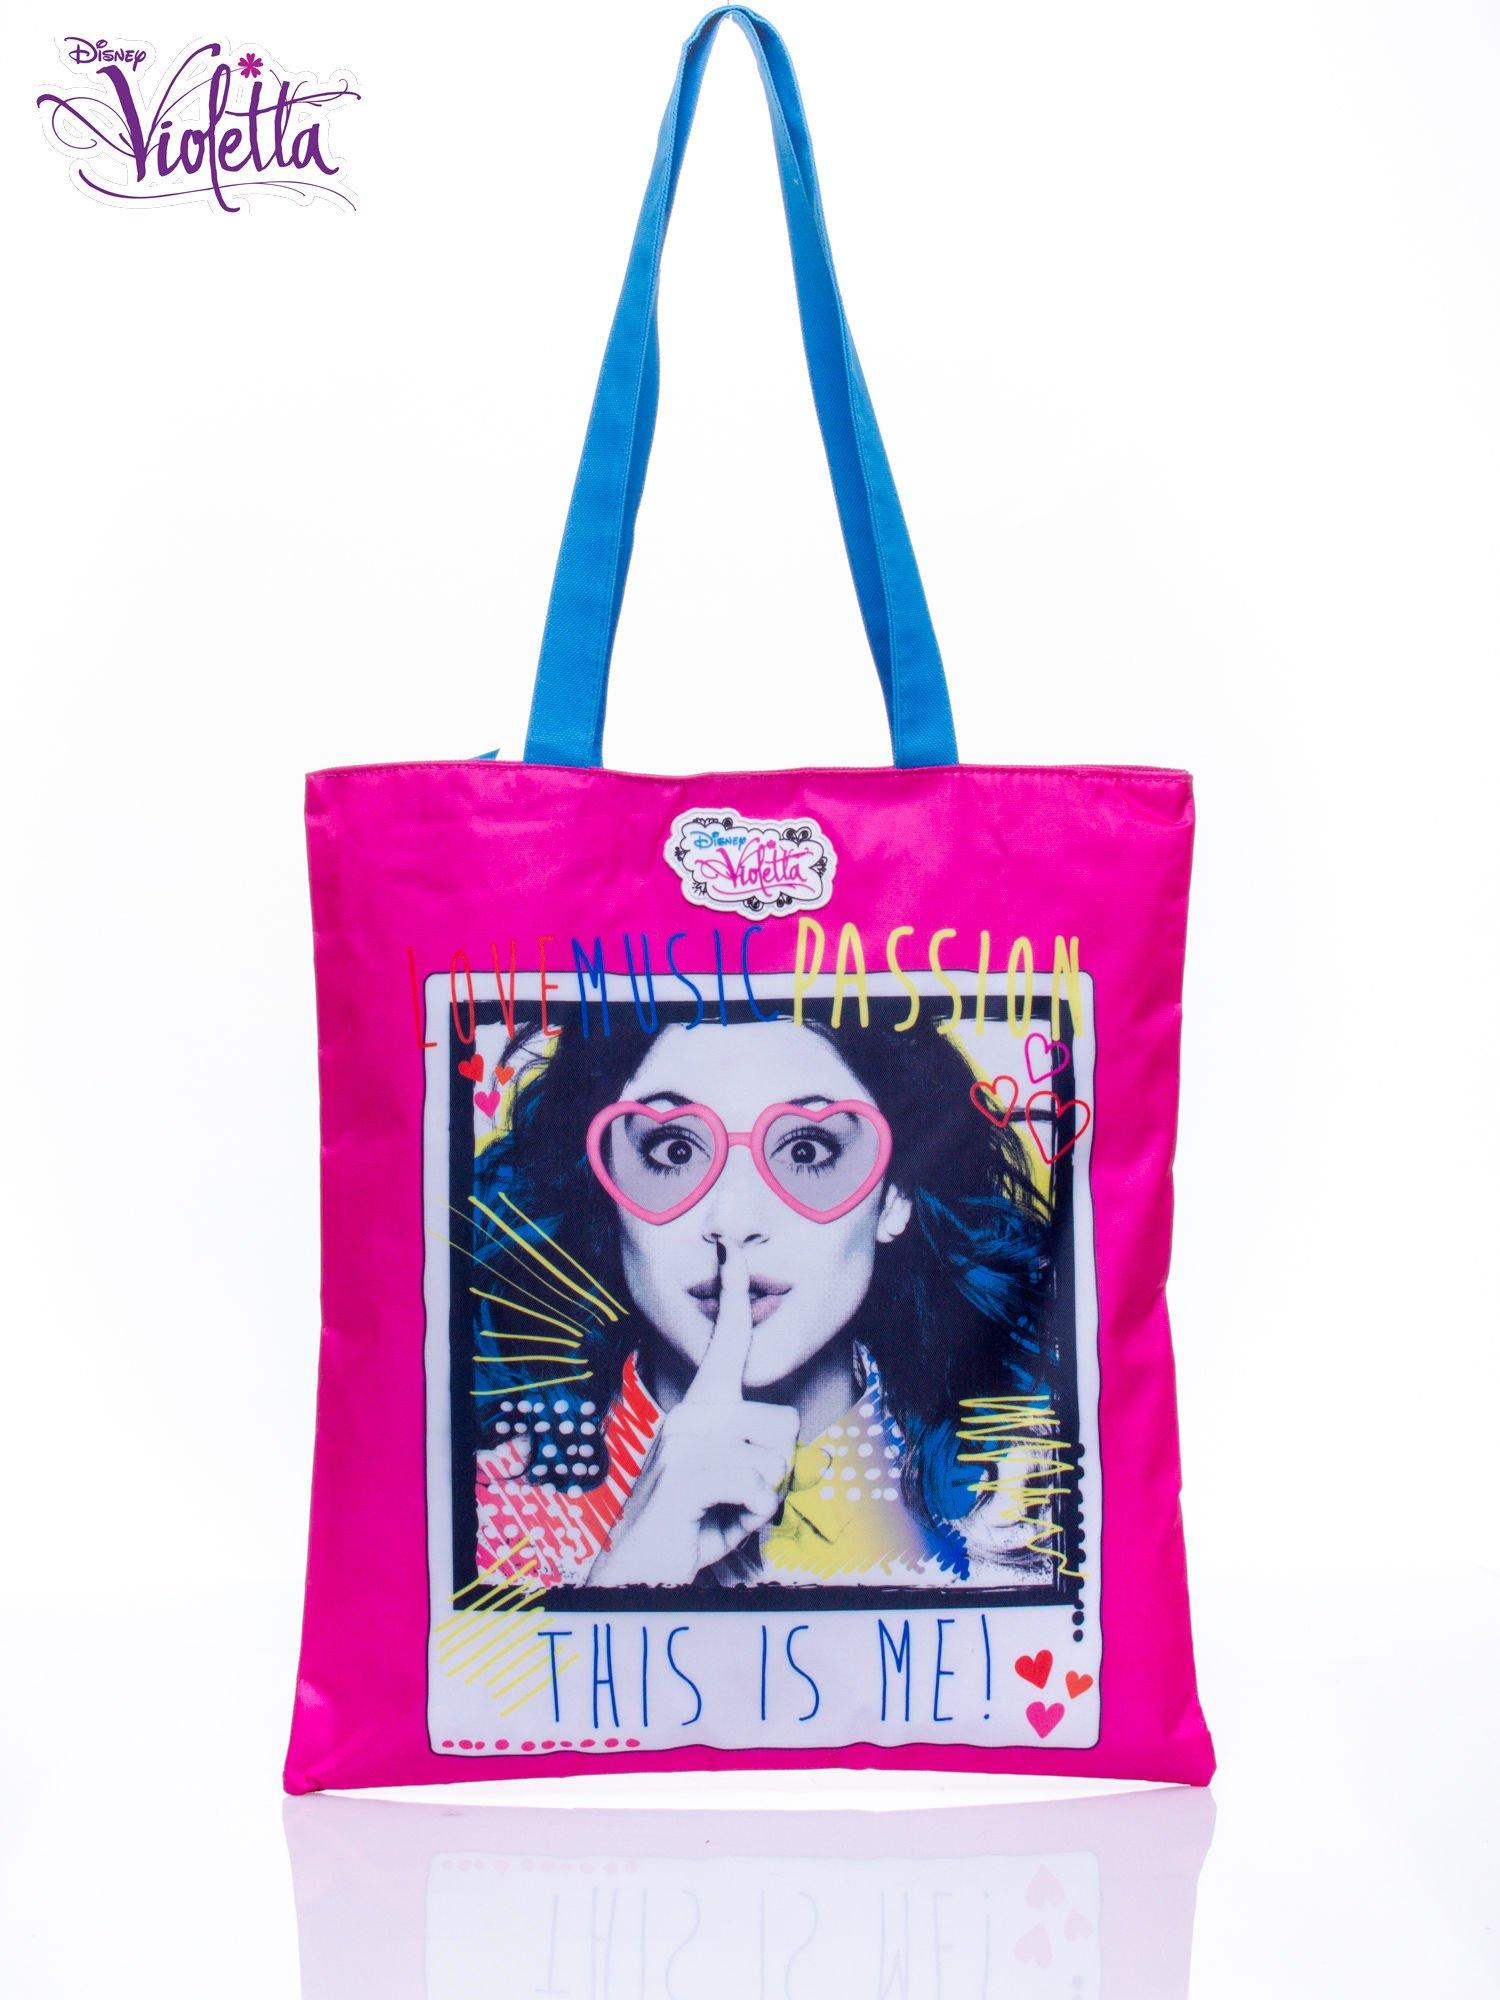 Groovy Różowa torba shopper bag dla dziewczynki DISNEY Violetta - Dziecko TO94